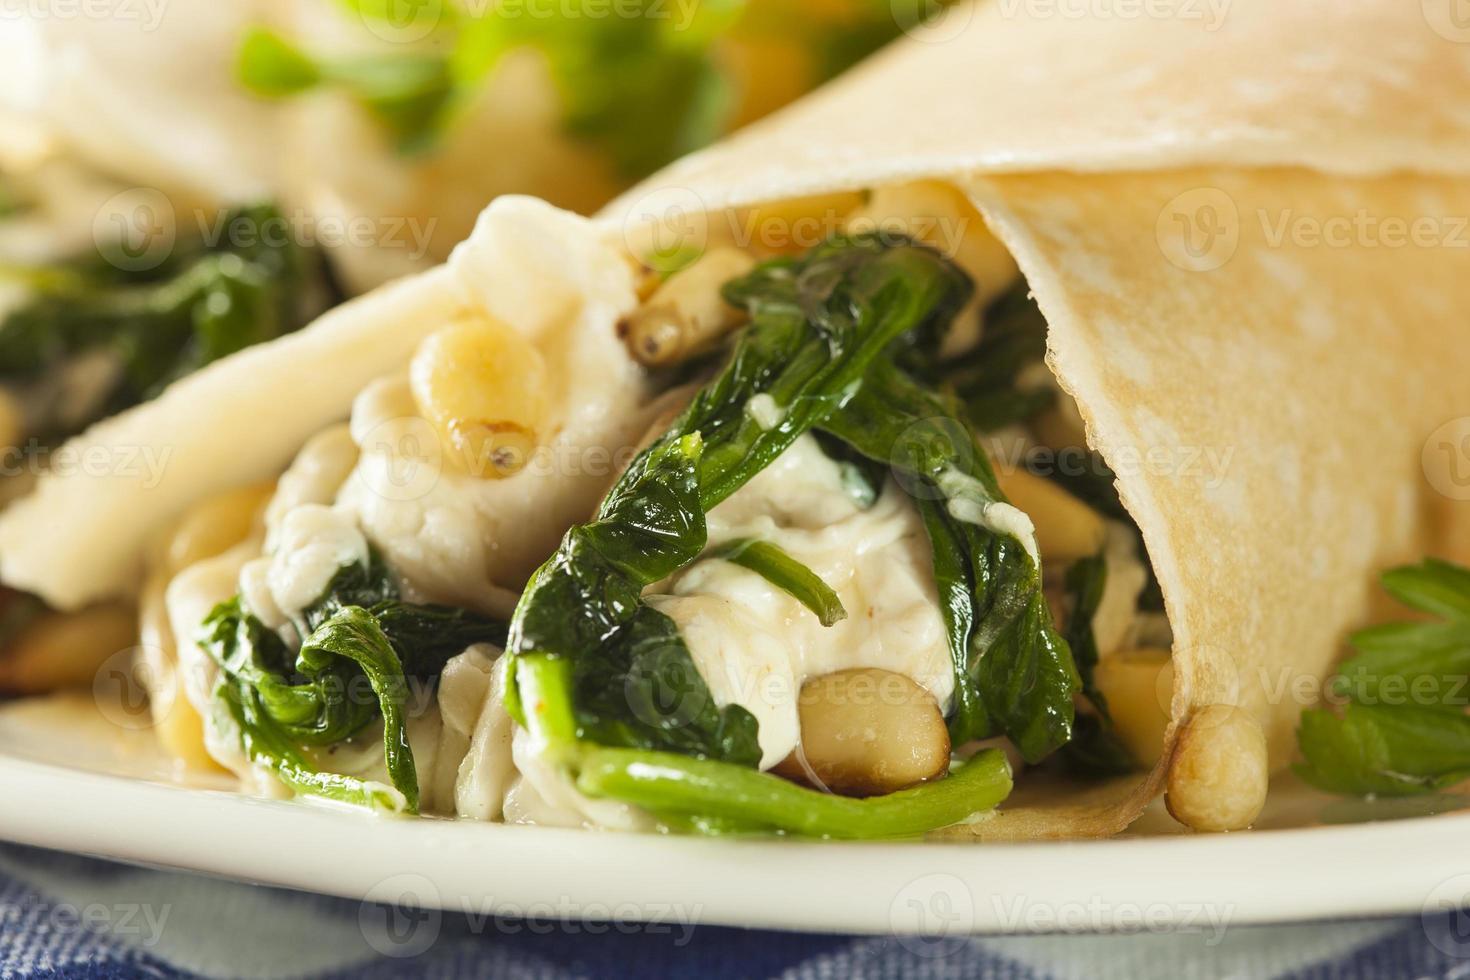 deliciosos espinafres caseiros e crepes franceses salgados feta foto